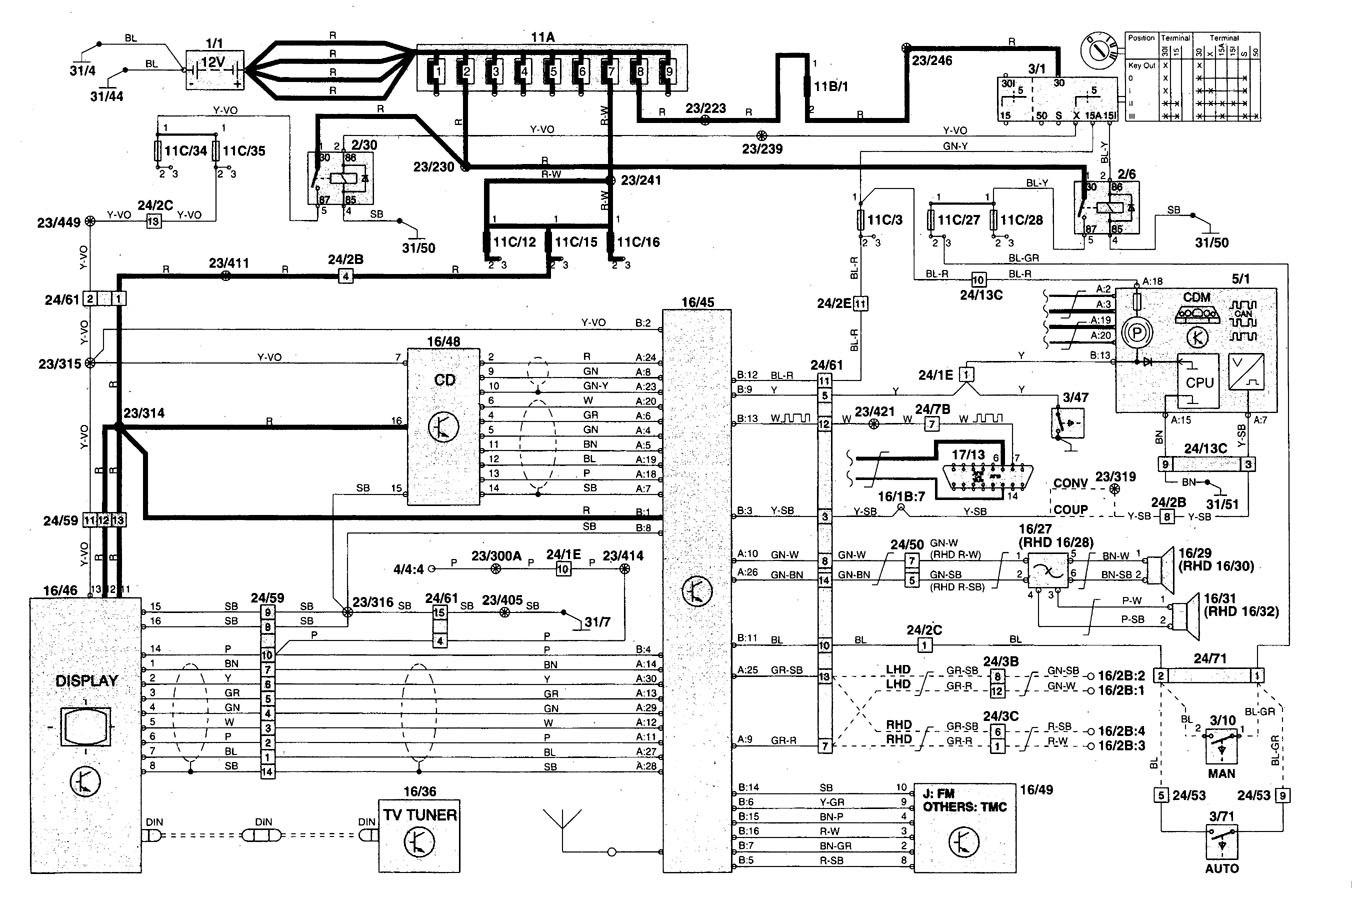 volvo c70 1998 2004 wiring diagrams navigation. Black Bedroom Furniture Sets. Home Design Ideas